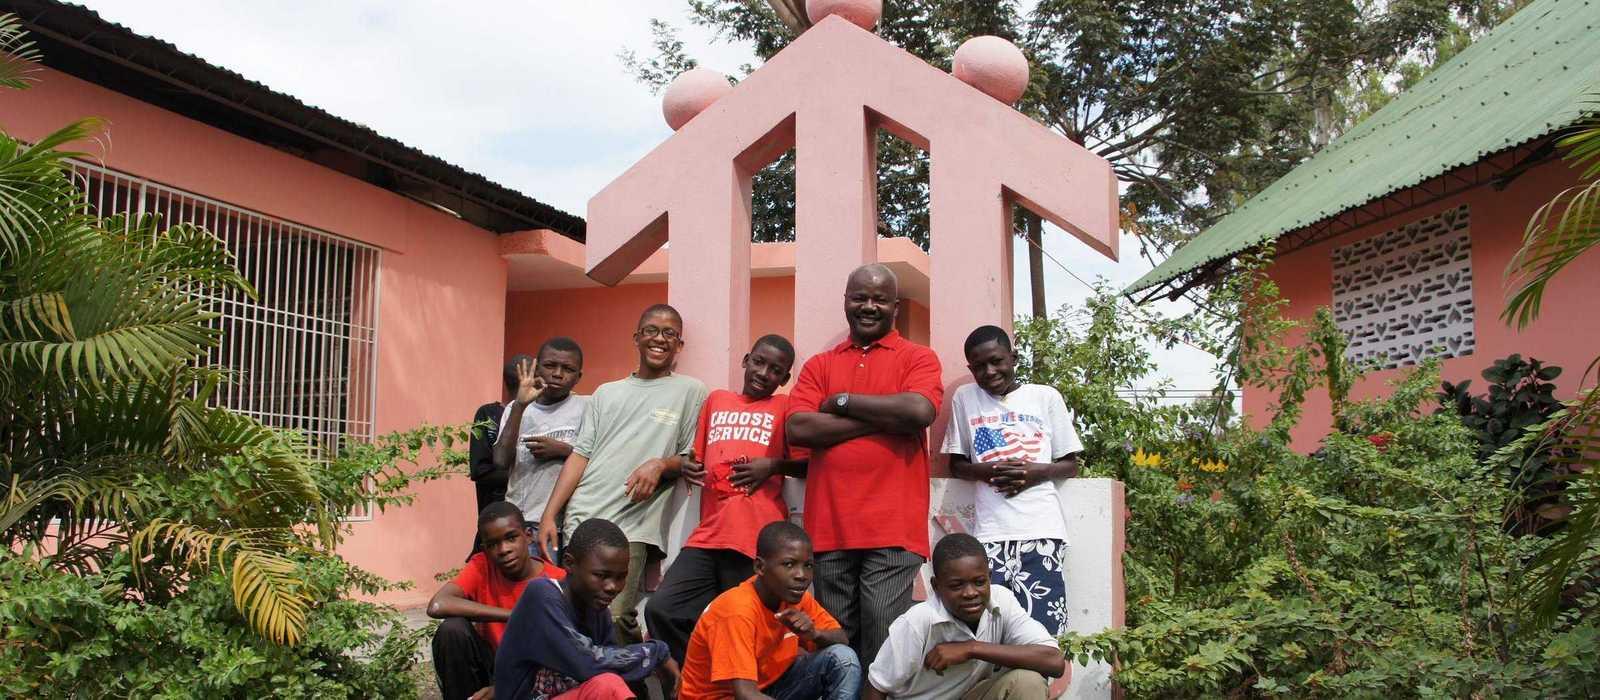 Sechs Jungen und ein Pater machen ein Gruppenbild